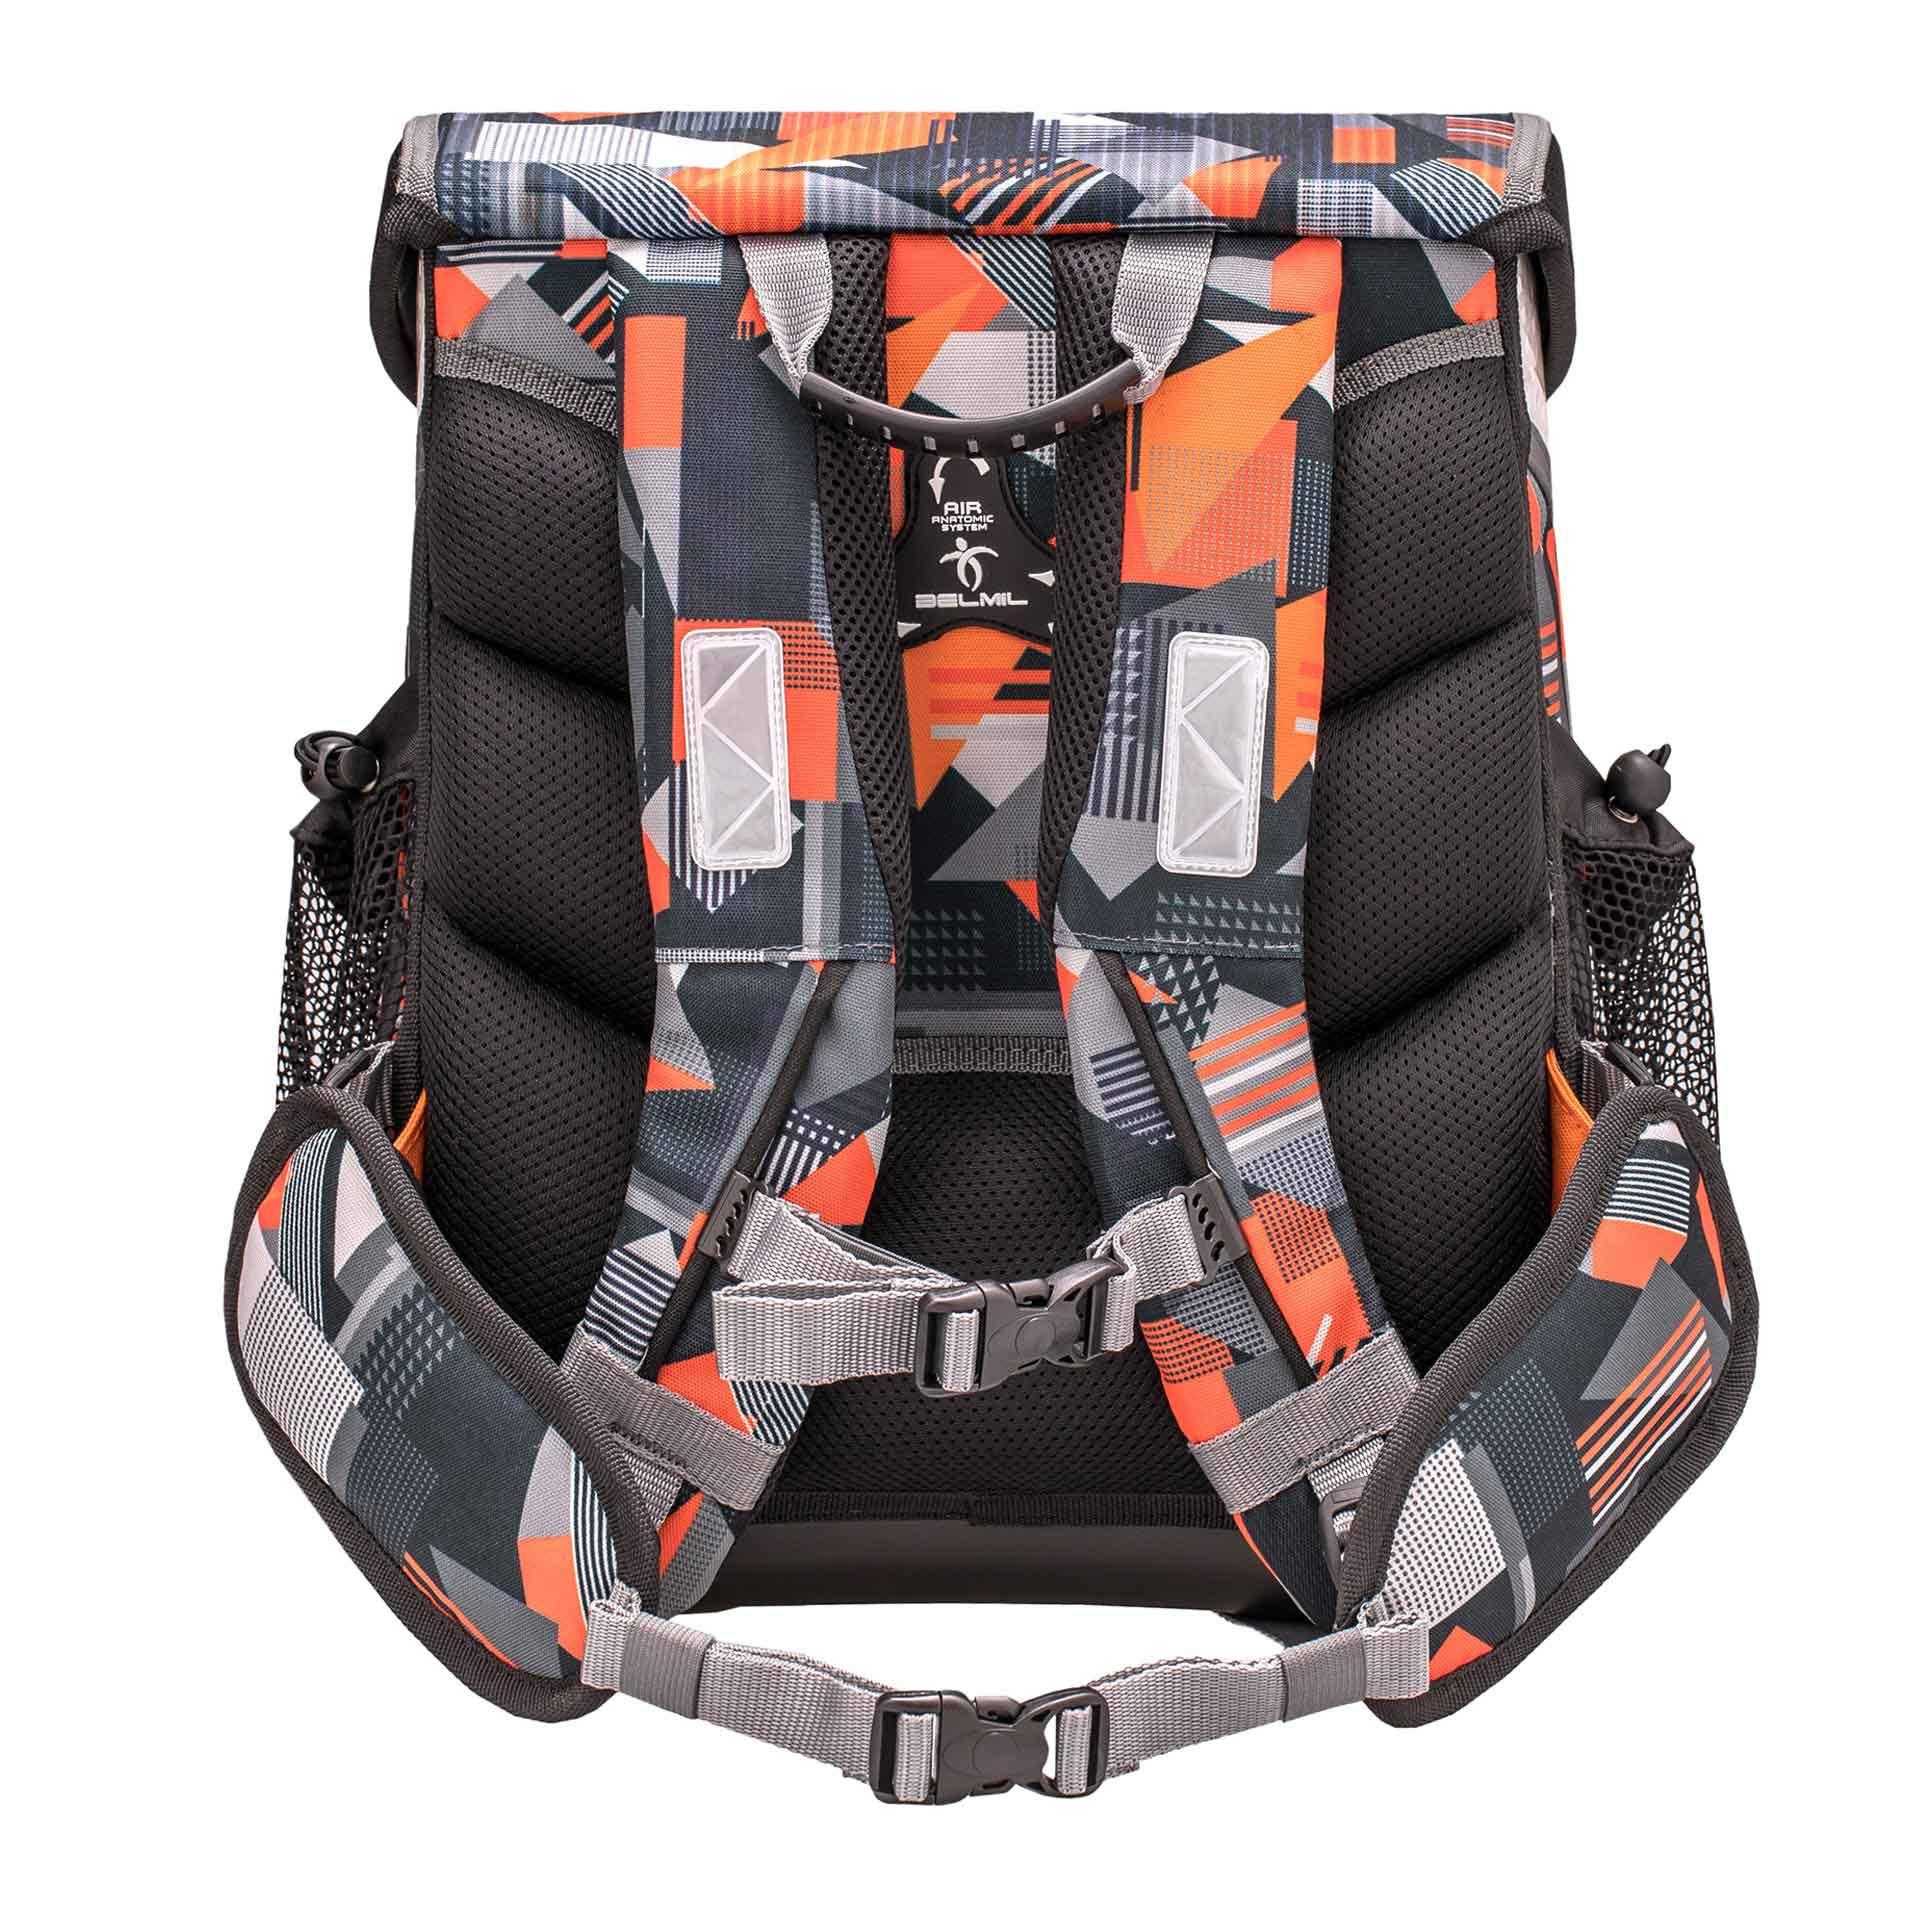 Belmil Cool Bag Schulranzen mit Patch-Set, 4-teilig Wild World